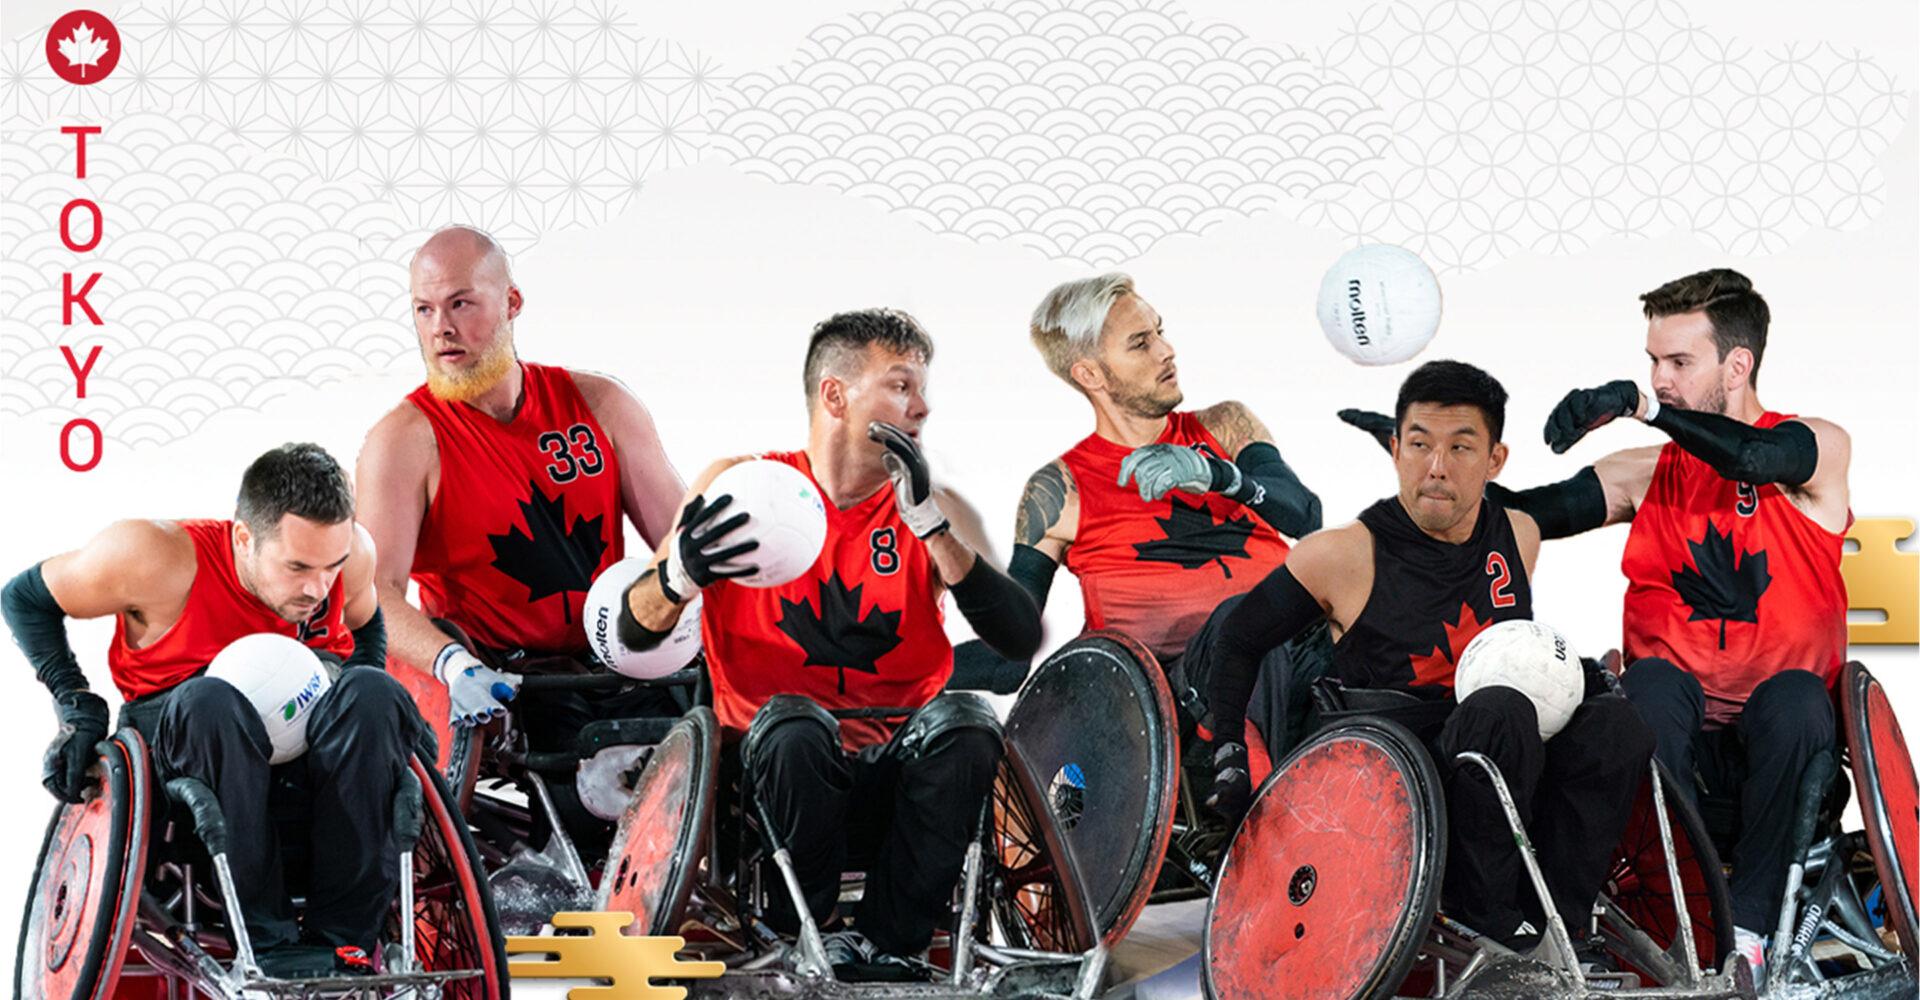 Dévoilement de l'équipe canadienne de rugby en fauteuil roulant pour les Jeux paralympiques de Tokyo 2020